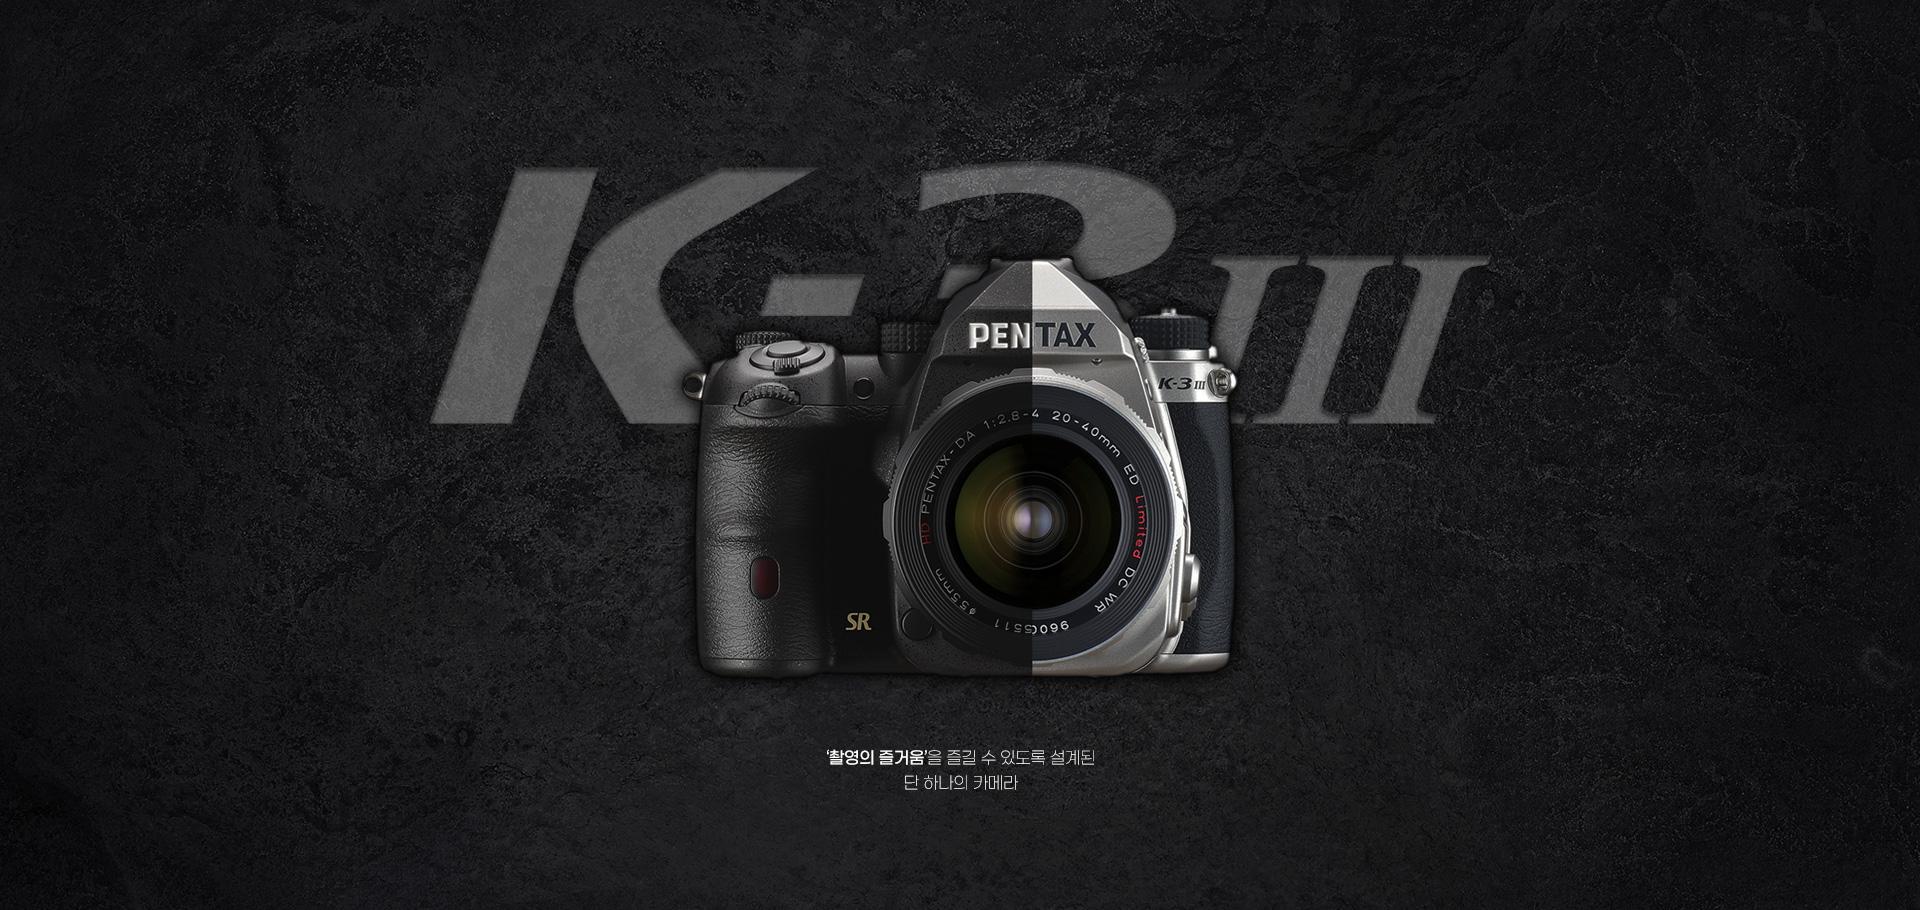 펜탁스 K-3 Mark III 공개